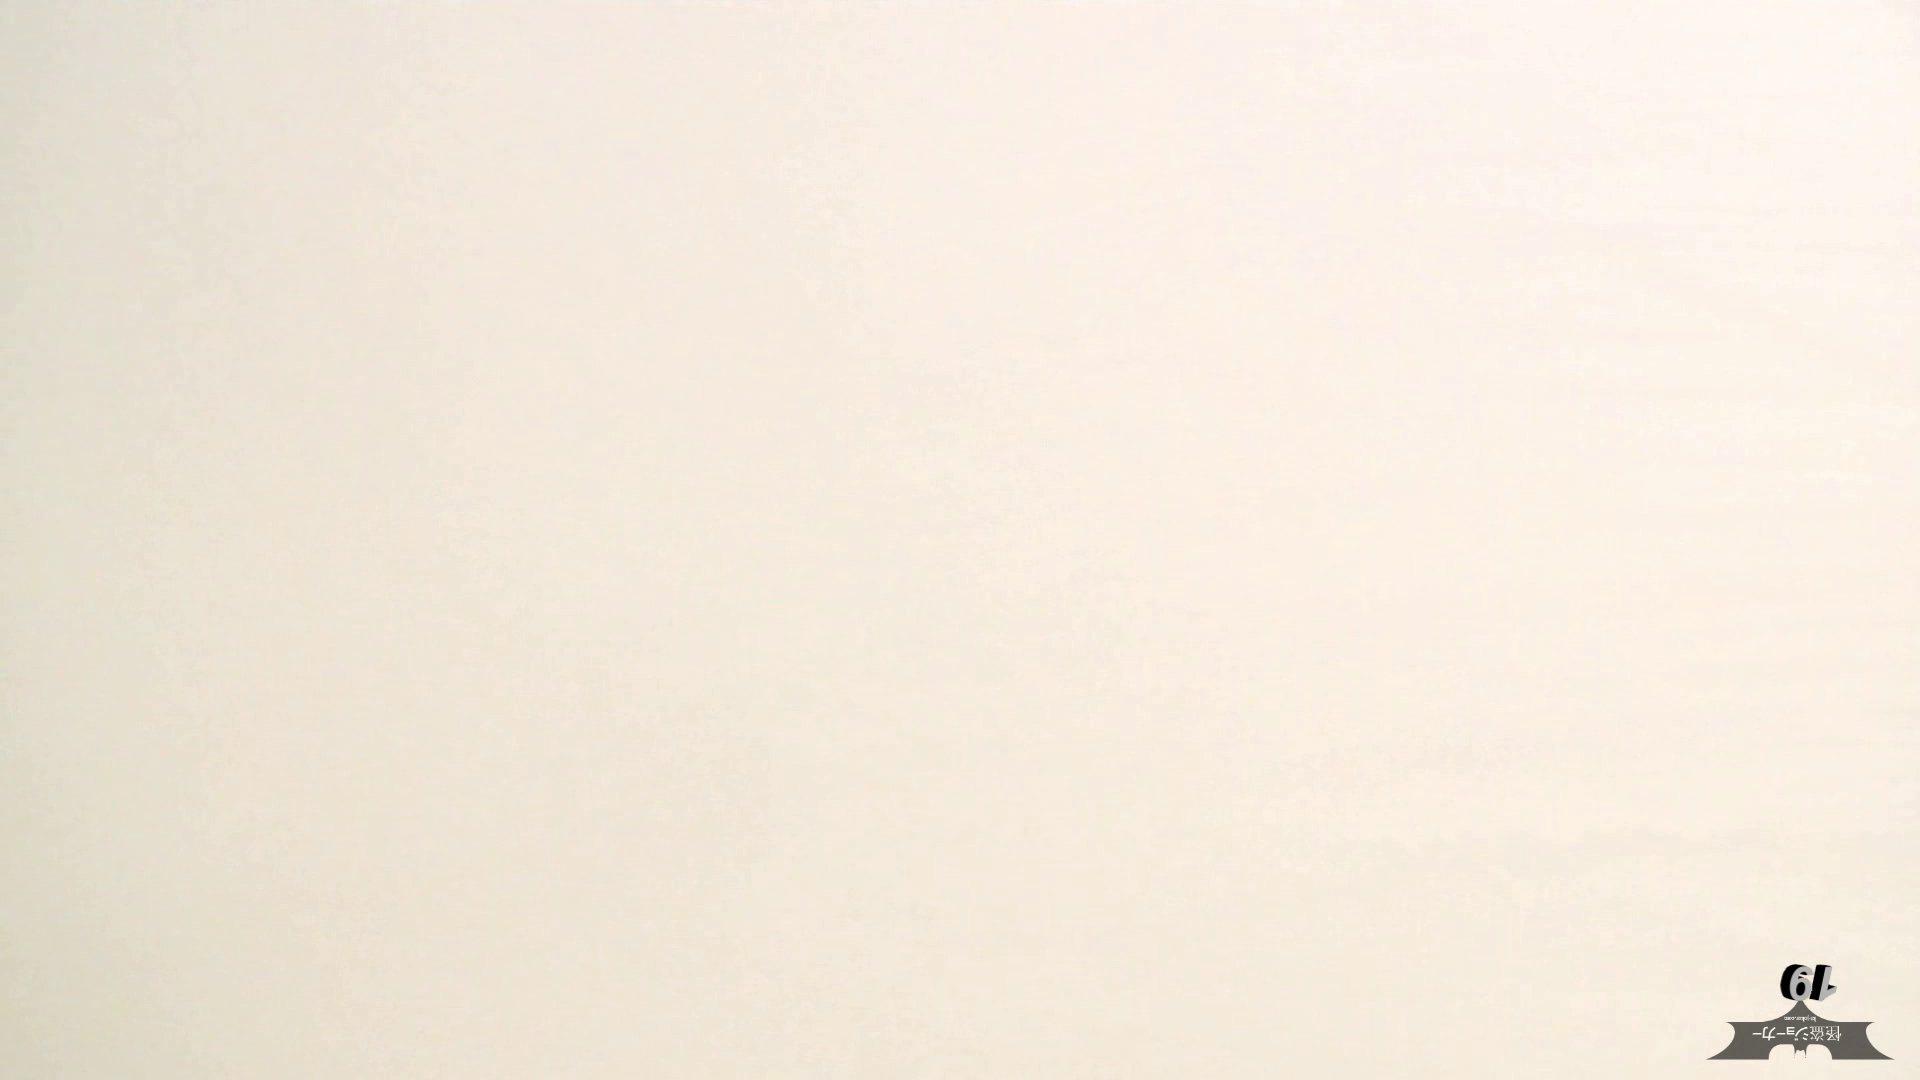 阿国ちゃんの「和式洋式七変化」 (NEW)19 「雫」はしっかりと切るんです! 盛合せ オメコ動画キャプチャ 88枚 2